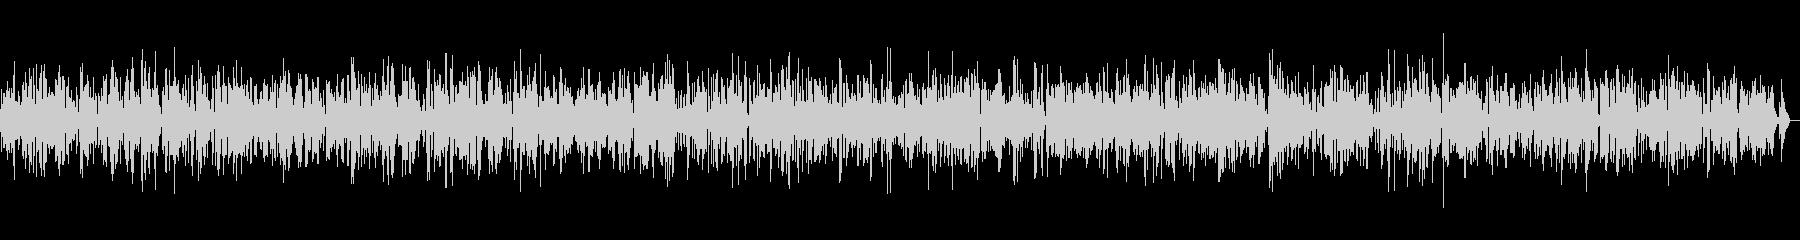 カフェBGM!ピアノジャズ&ボサノバ!の未再生の波形